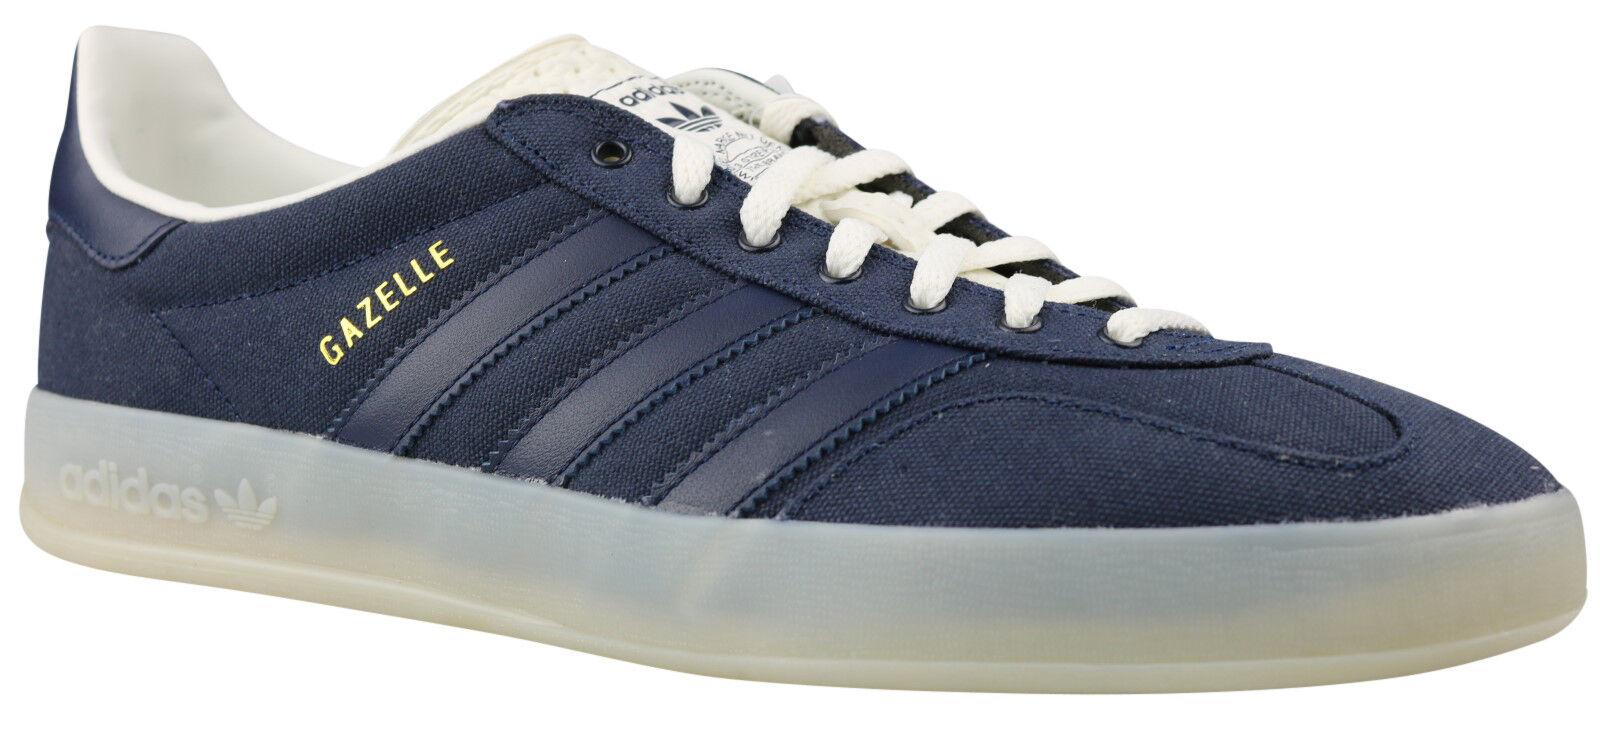 Adidas Originals gacela indoor calcetines cortos zapatos s74850 azul Gr. 42 nuevo embalaje original